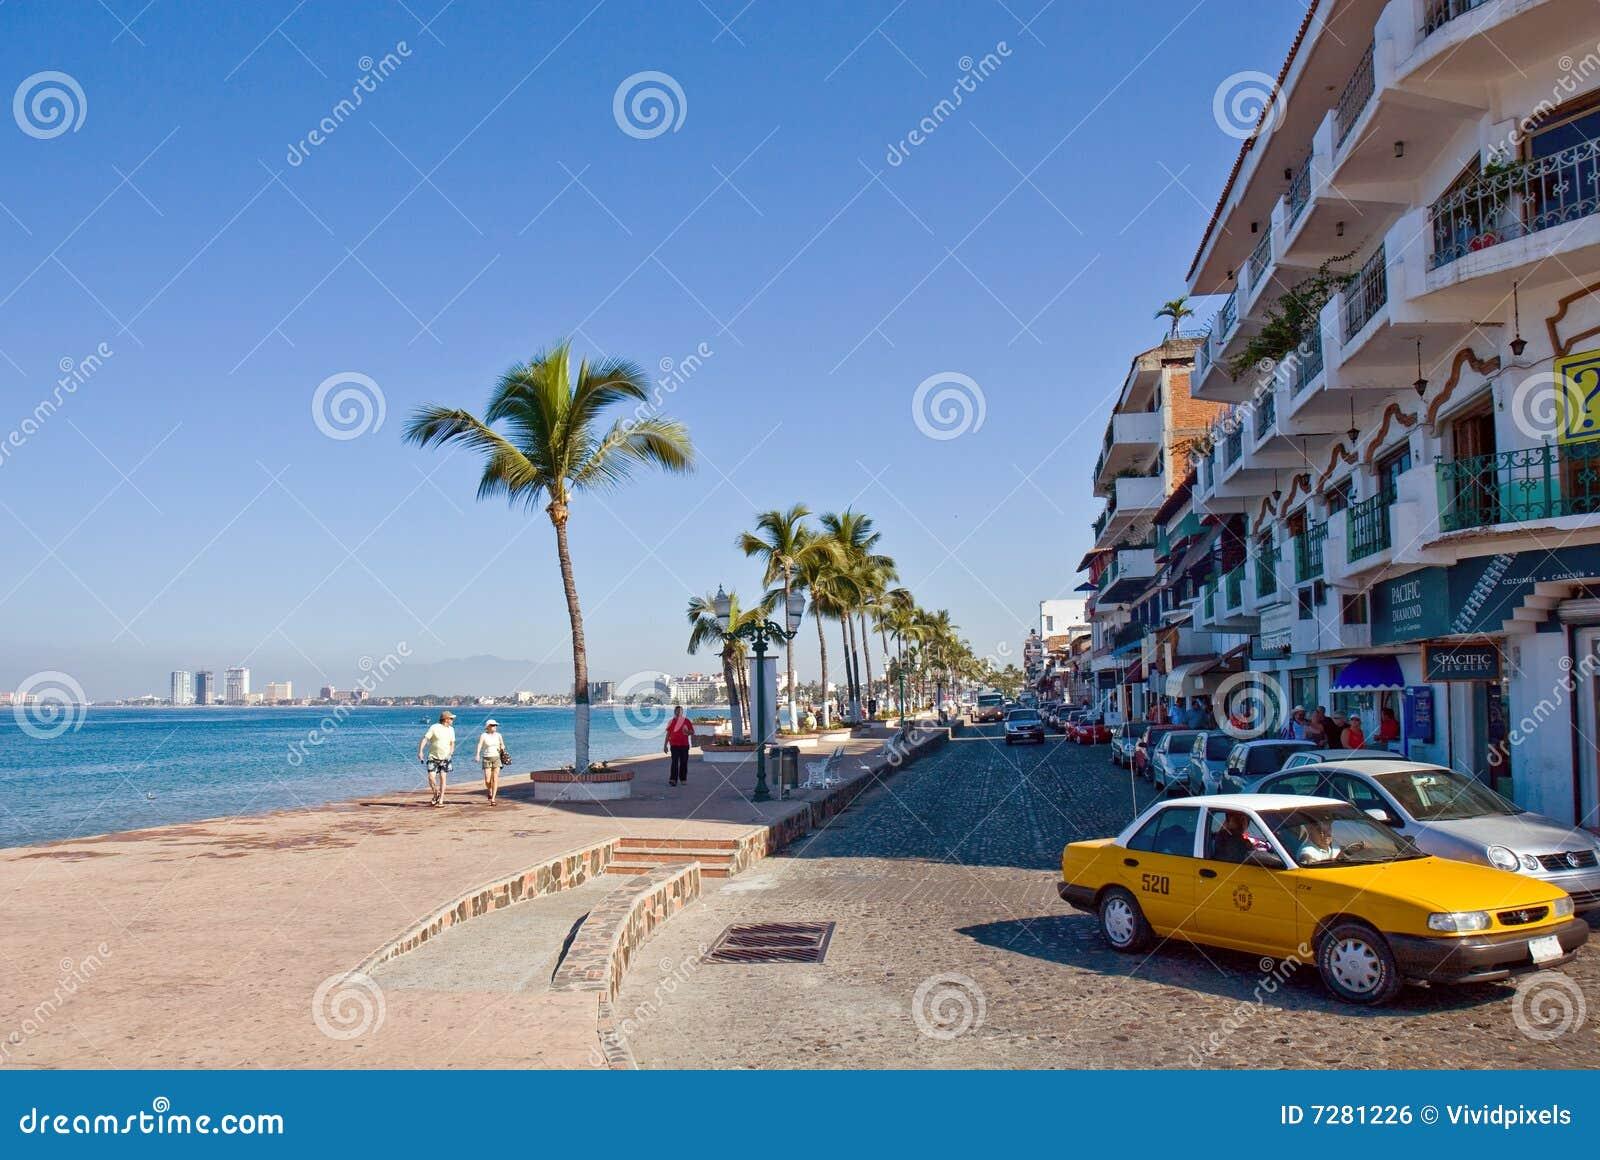 Carretera principal en Puerto Vallarta